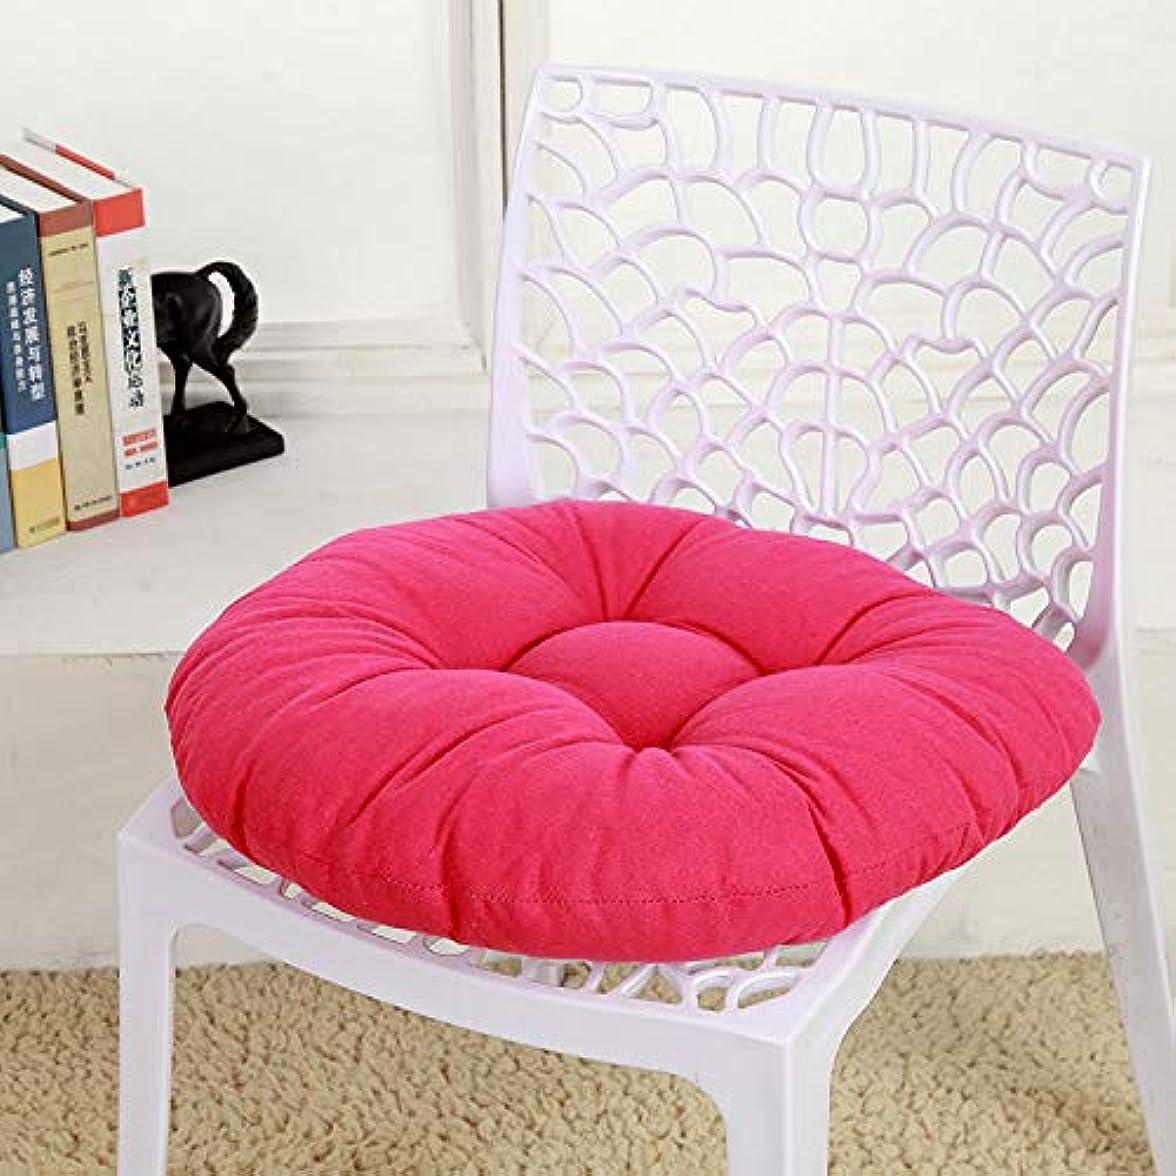 手のひら苦悩空いているSMART キャンディカラーのクッションラウンドシートクッション波ウィンドウシートクッションクッション家の装飾パッドラウンド枕シート枕椅子座る枕 クッション 椅子